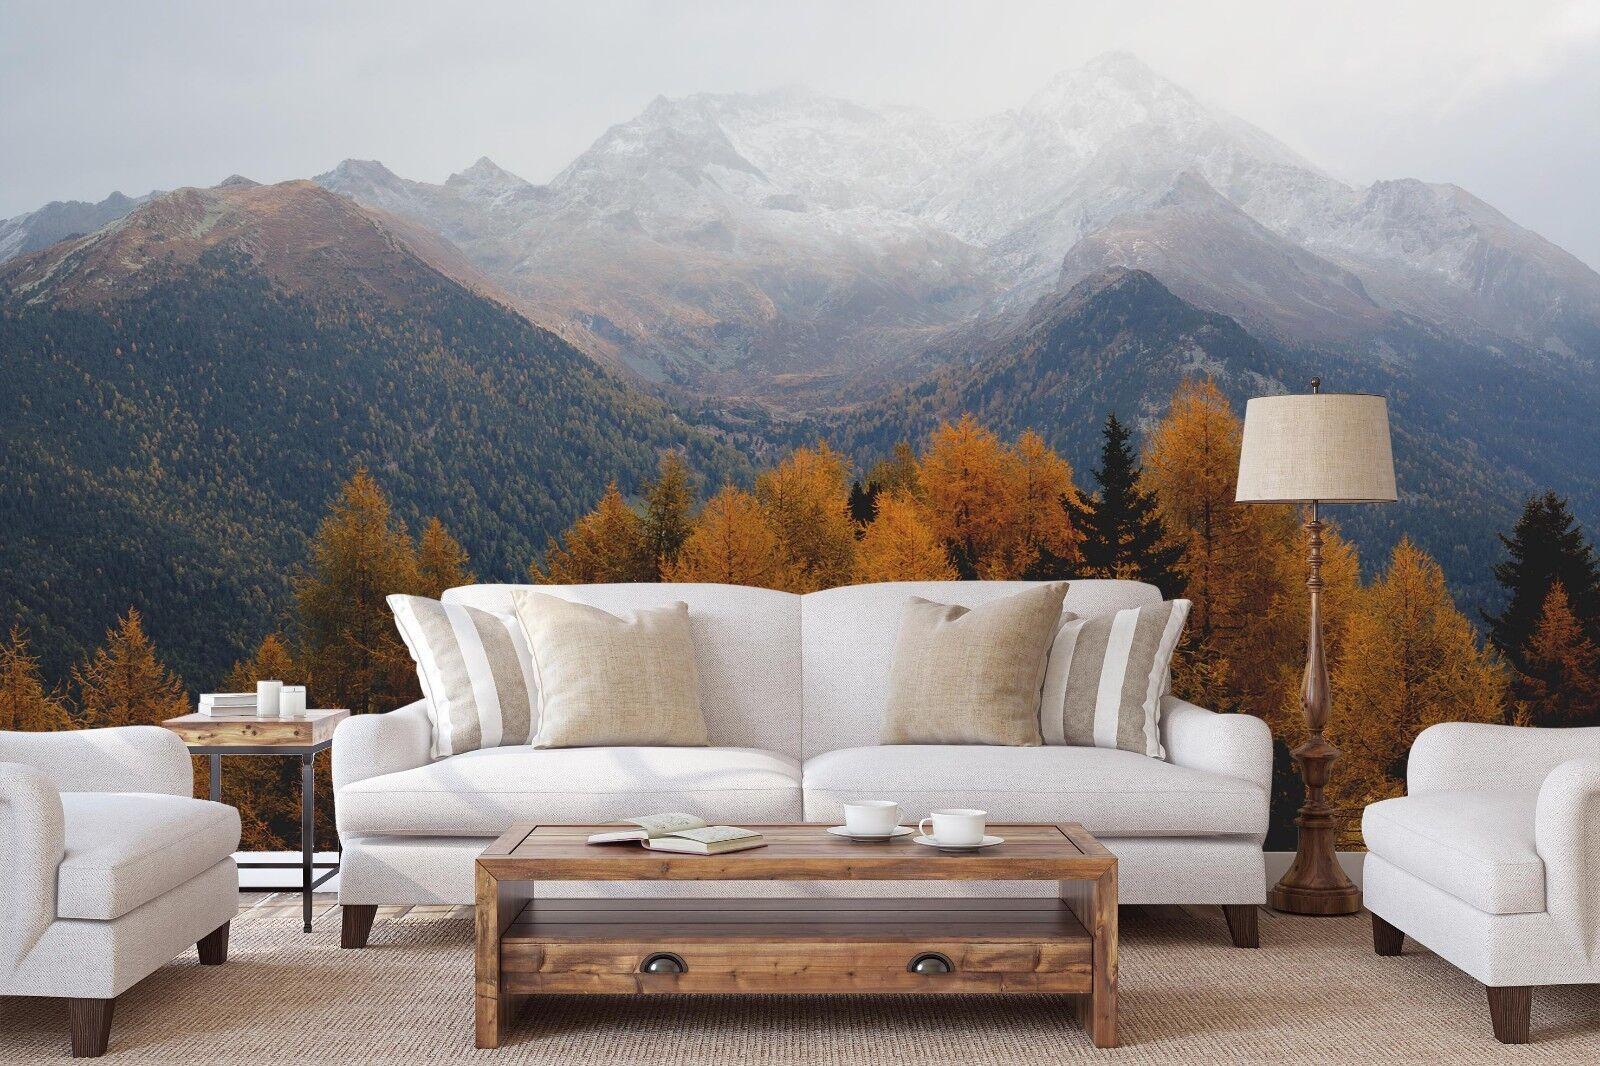 3D Wälder Berge 7061 Tapete Wandgemälde Tapete Tapeten Tapeten Tapeten Bild Familie DE Sidney | Neueste Technologie  dd613d